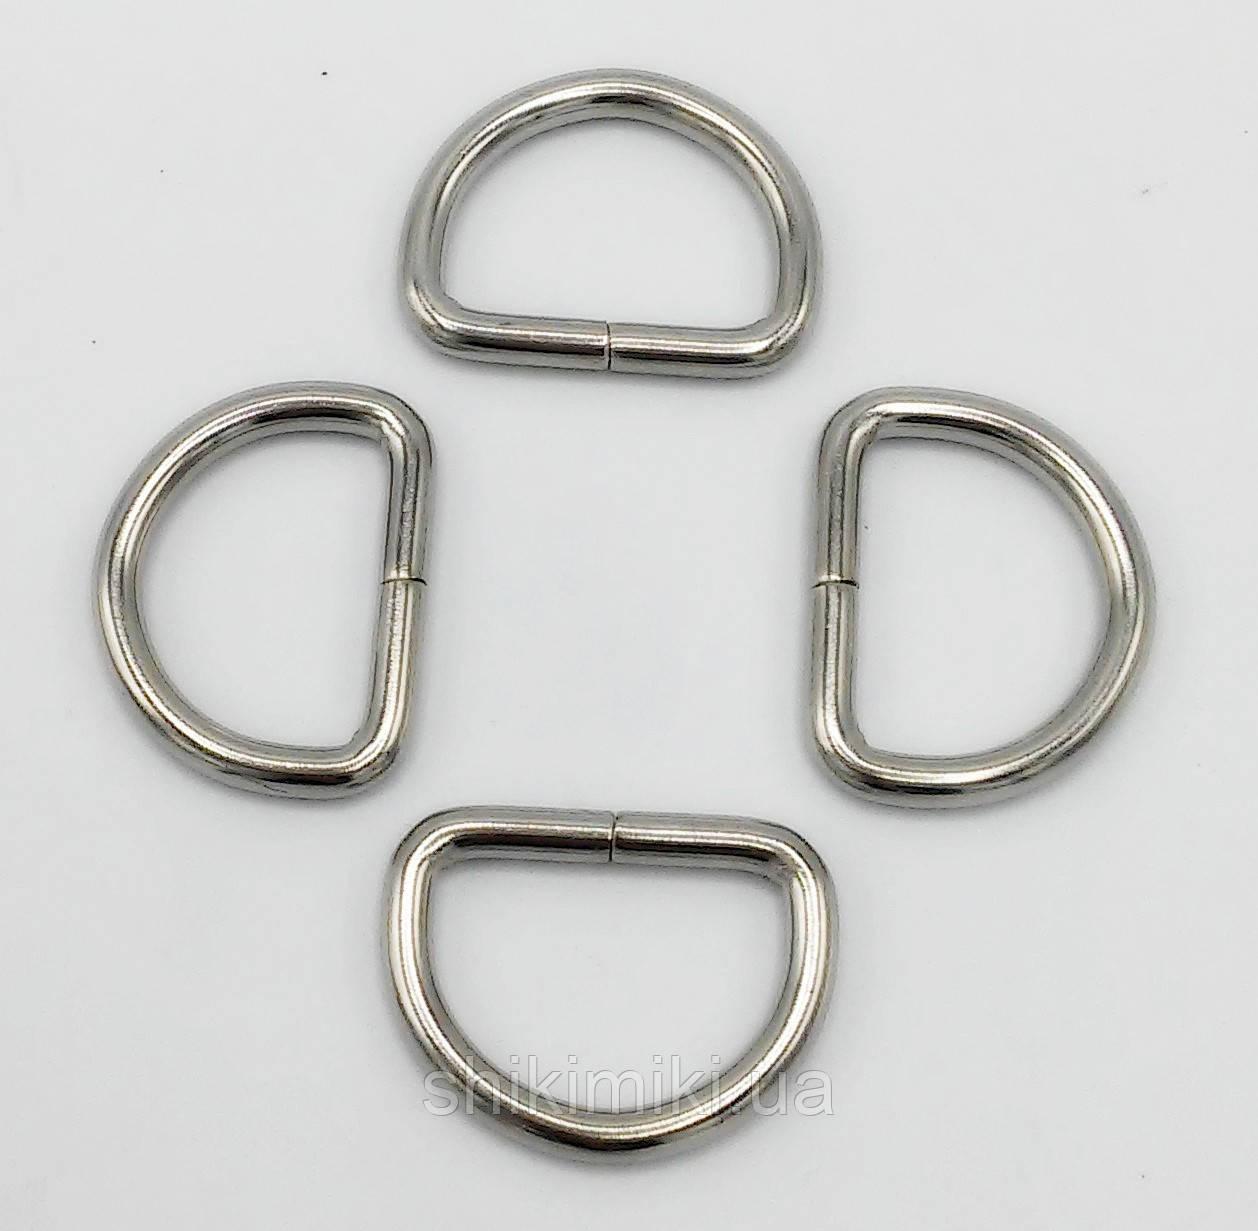 Полукольцо для сумки PK21-1 (25 мм), цвет никель